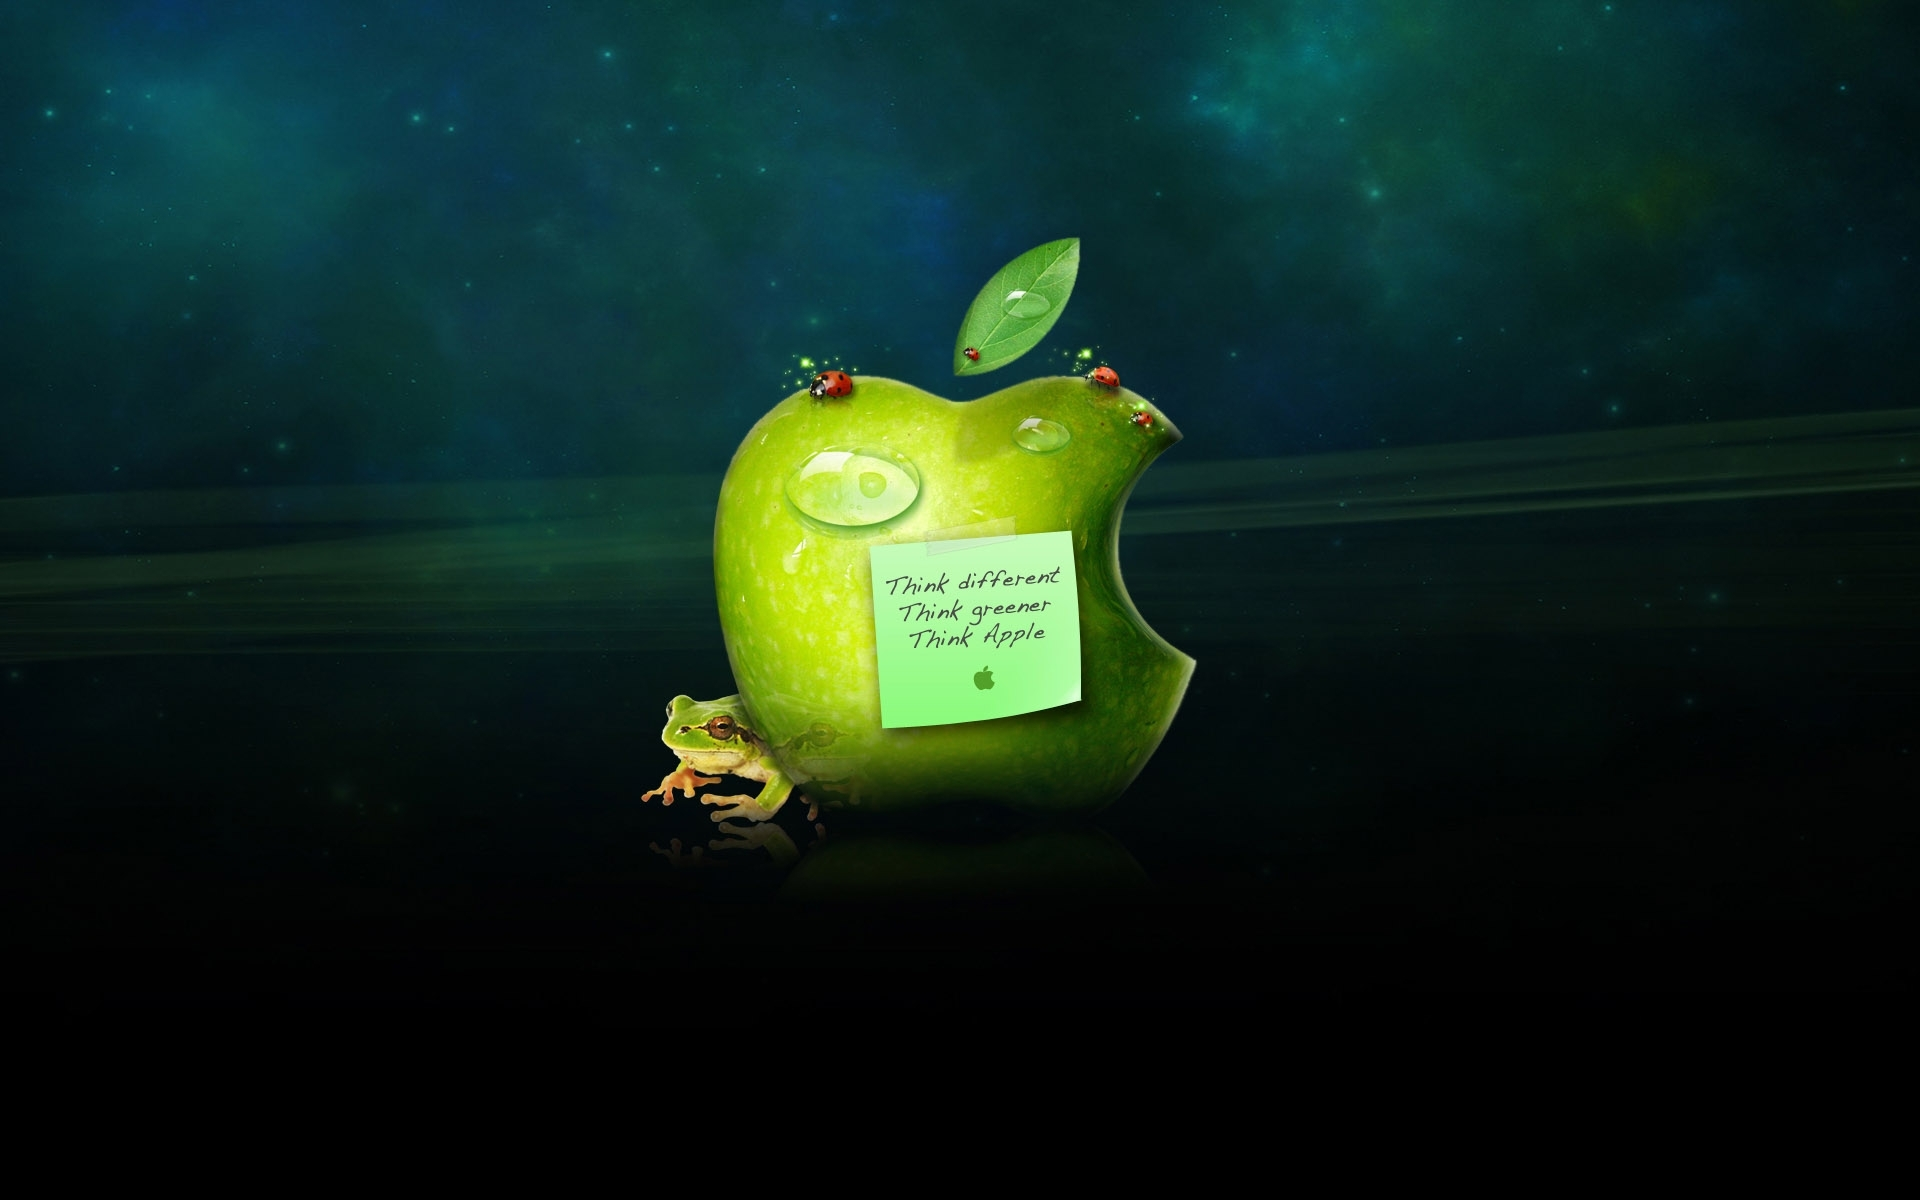 17676 Hintergrundbild herunterladen Apple-, Marken, Hintergrund - Bildschirmschoner und Bilder kostenlos